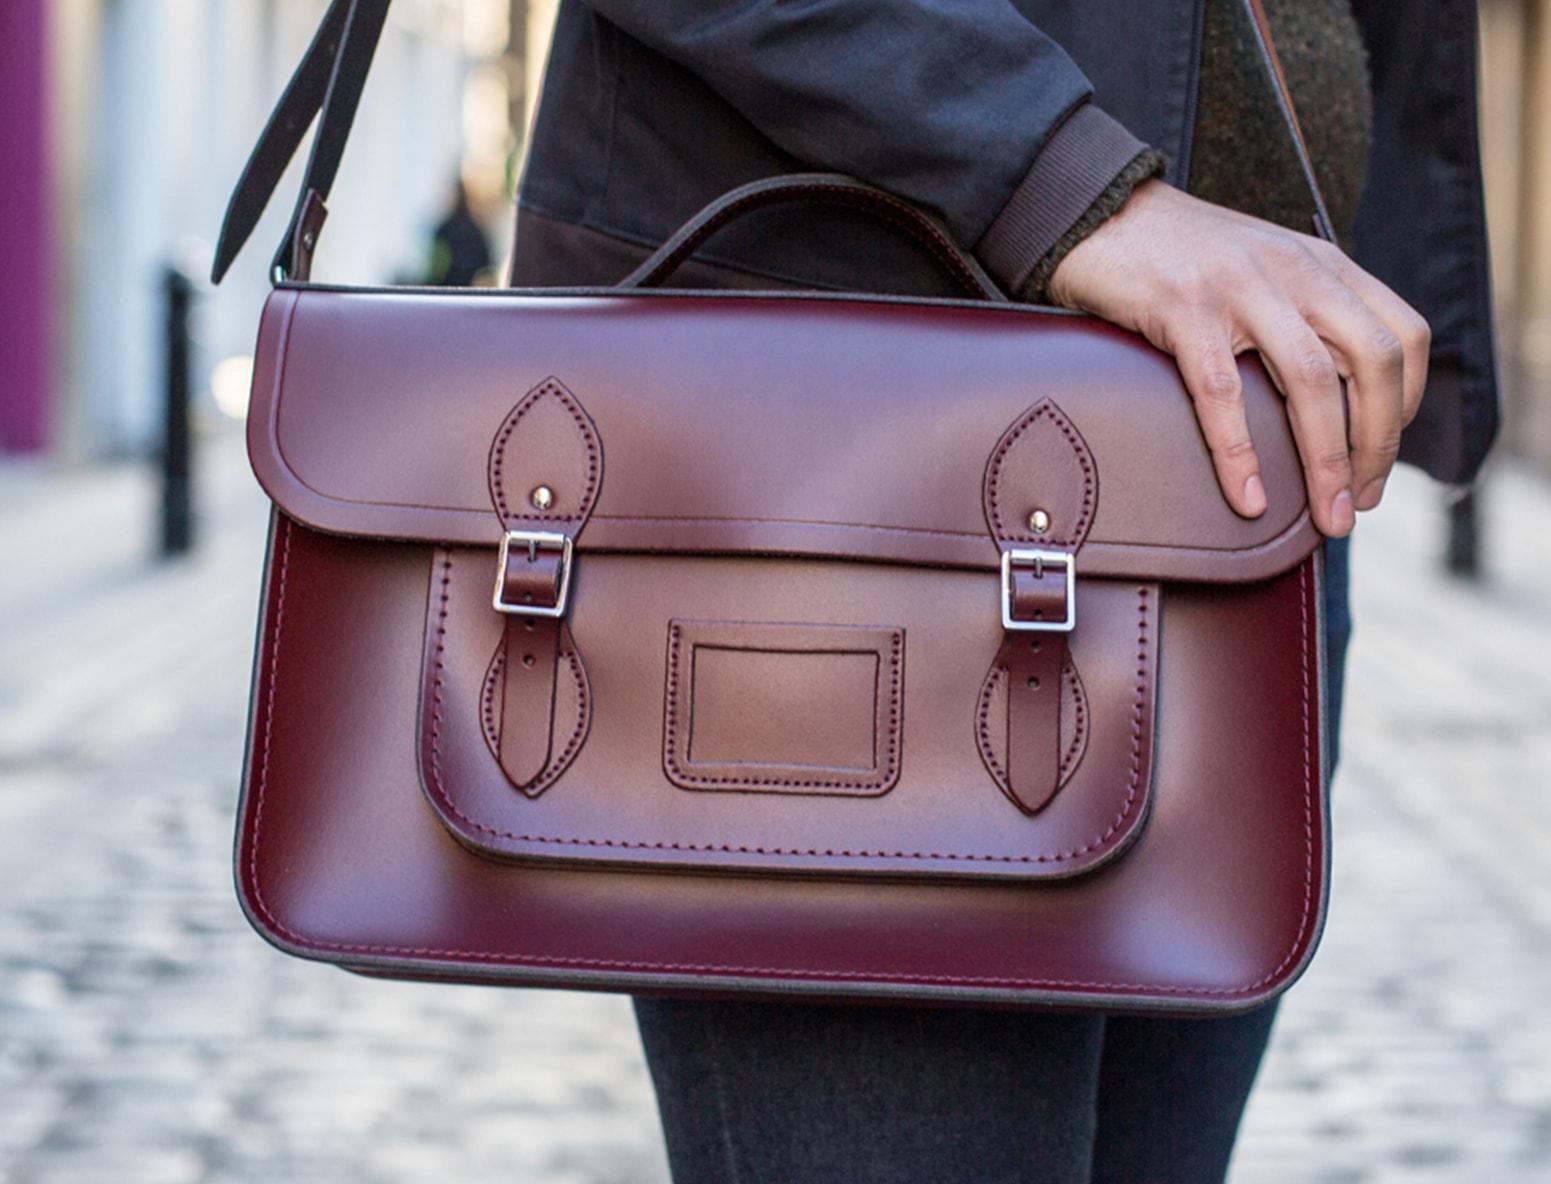 cabridge satchel brown